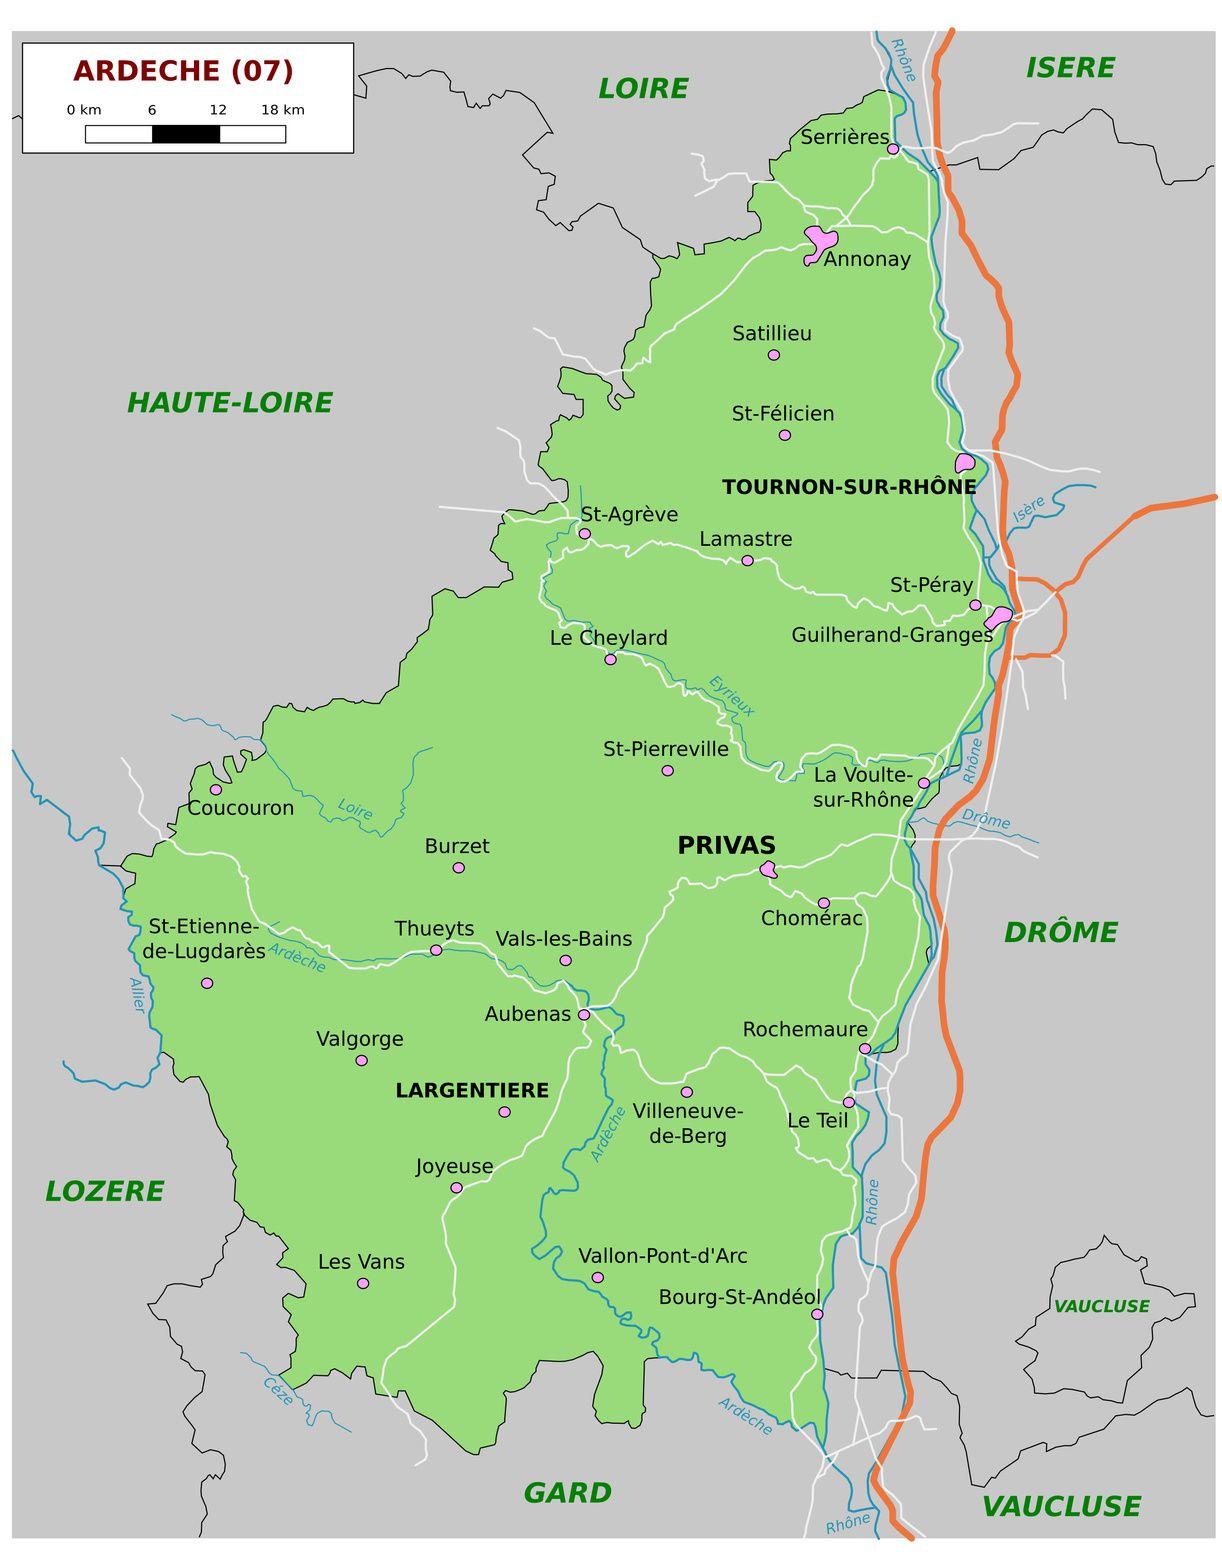 Carte de l'Ardèche - Politique